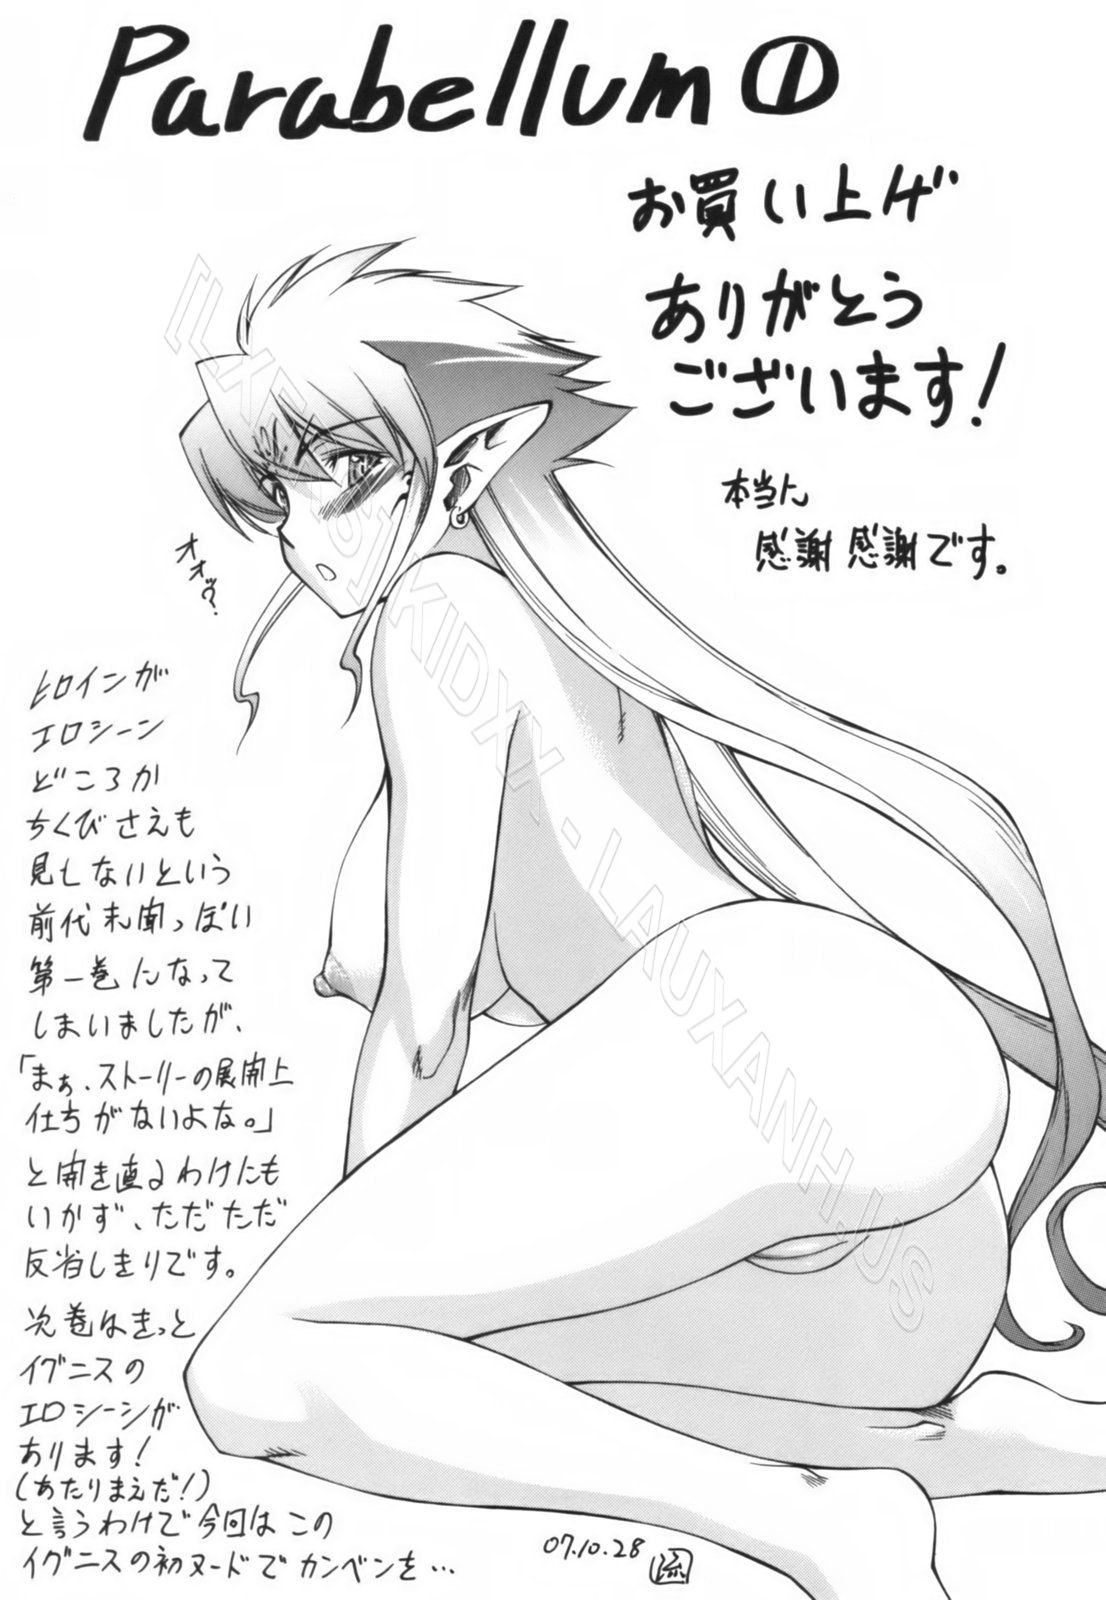 Hình ảnh Hinh_029 in Truyện tranh hentai không che: Parabellum